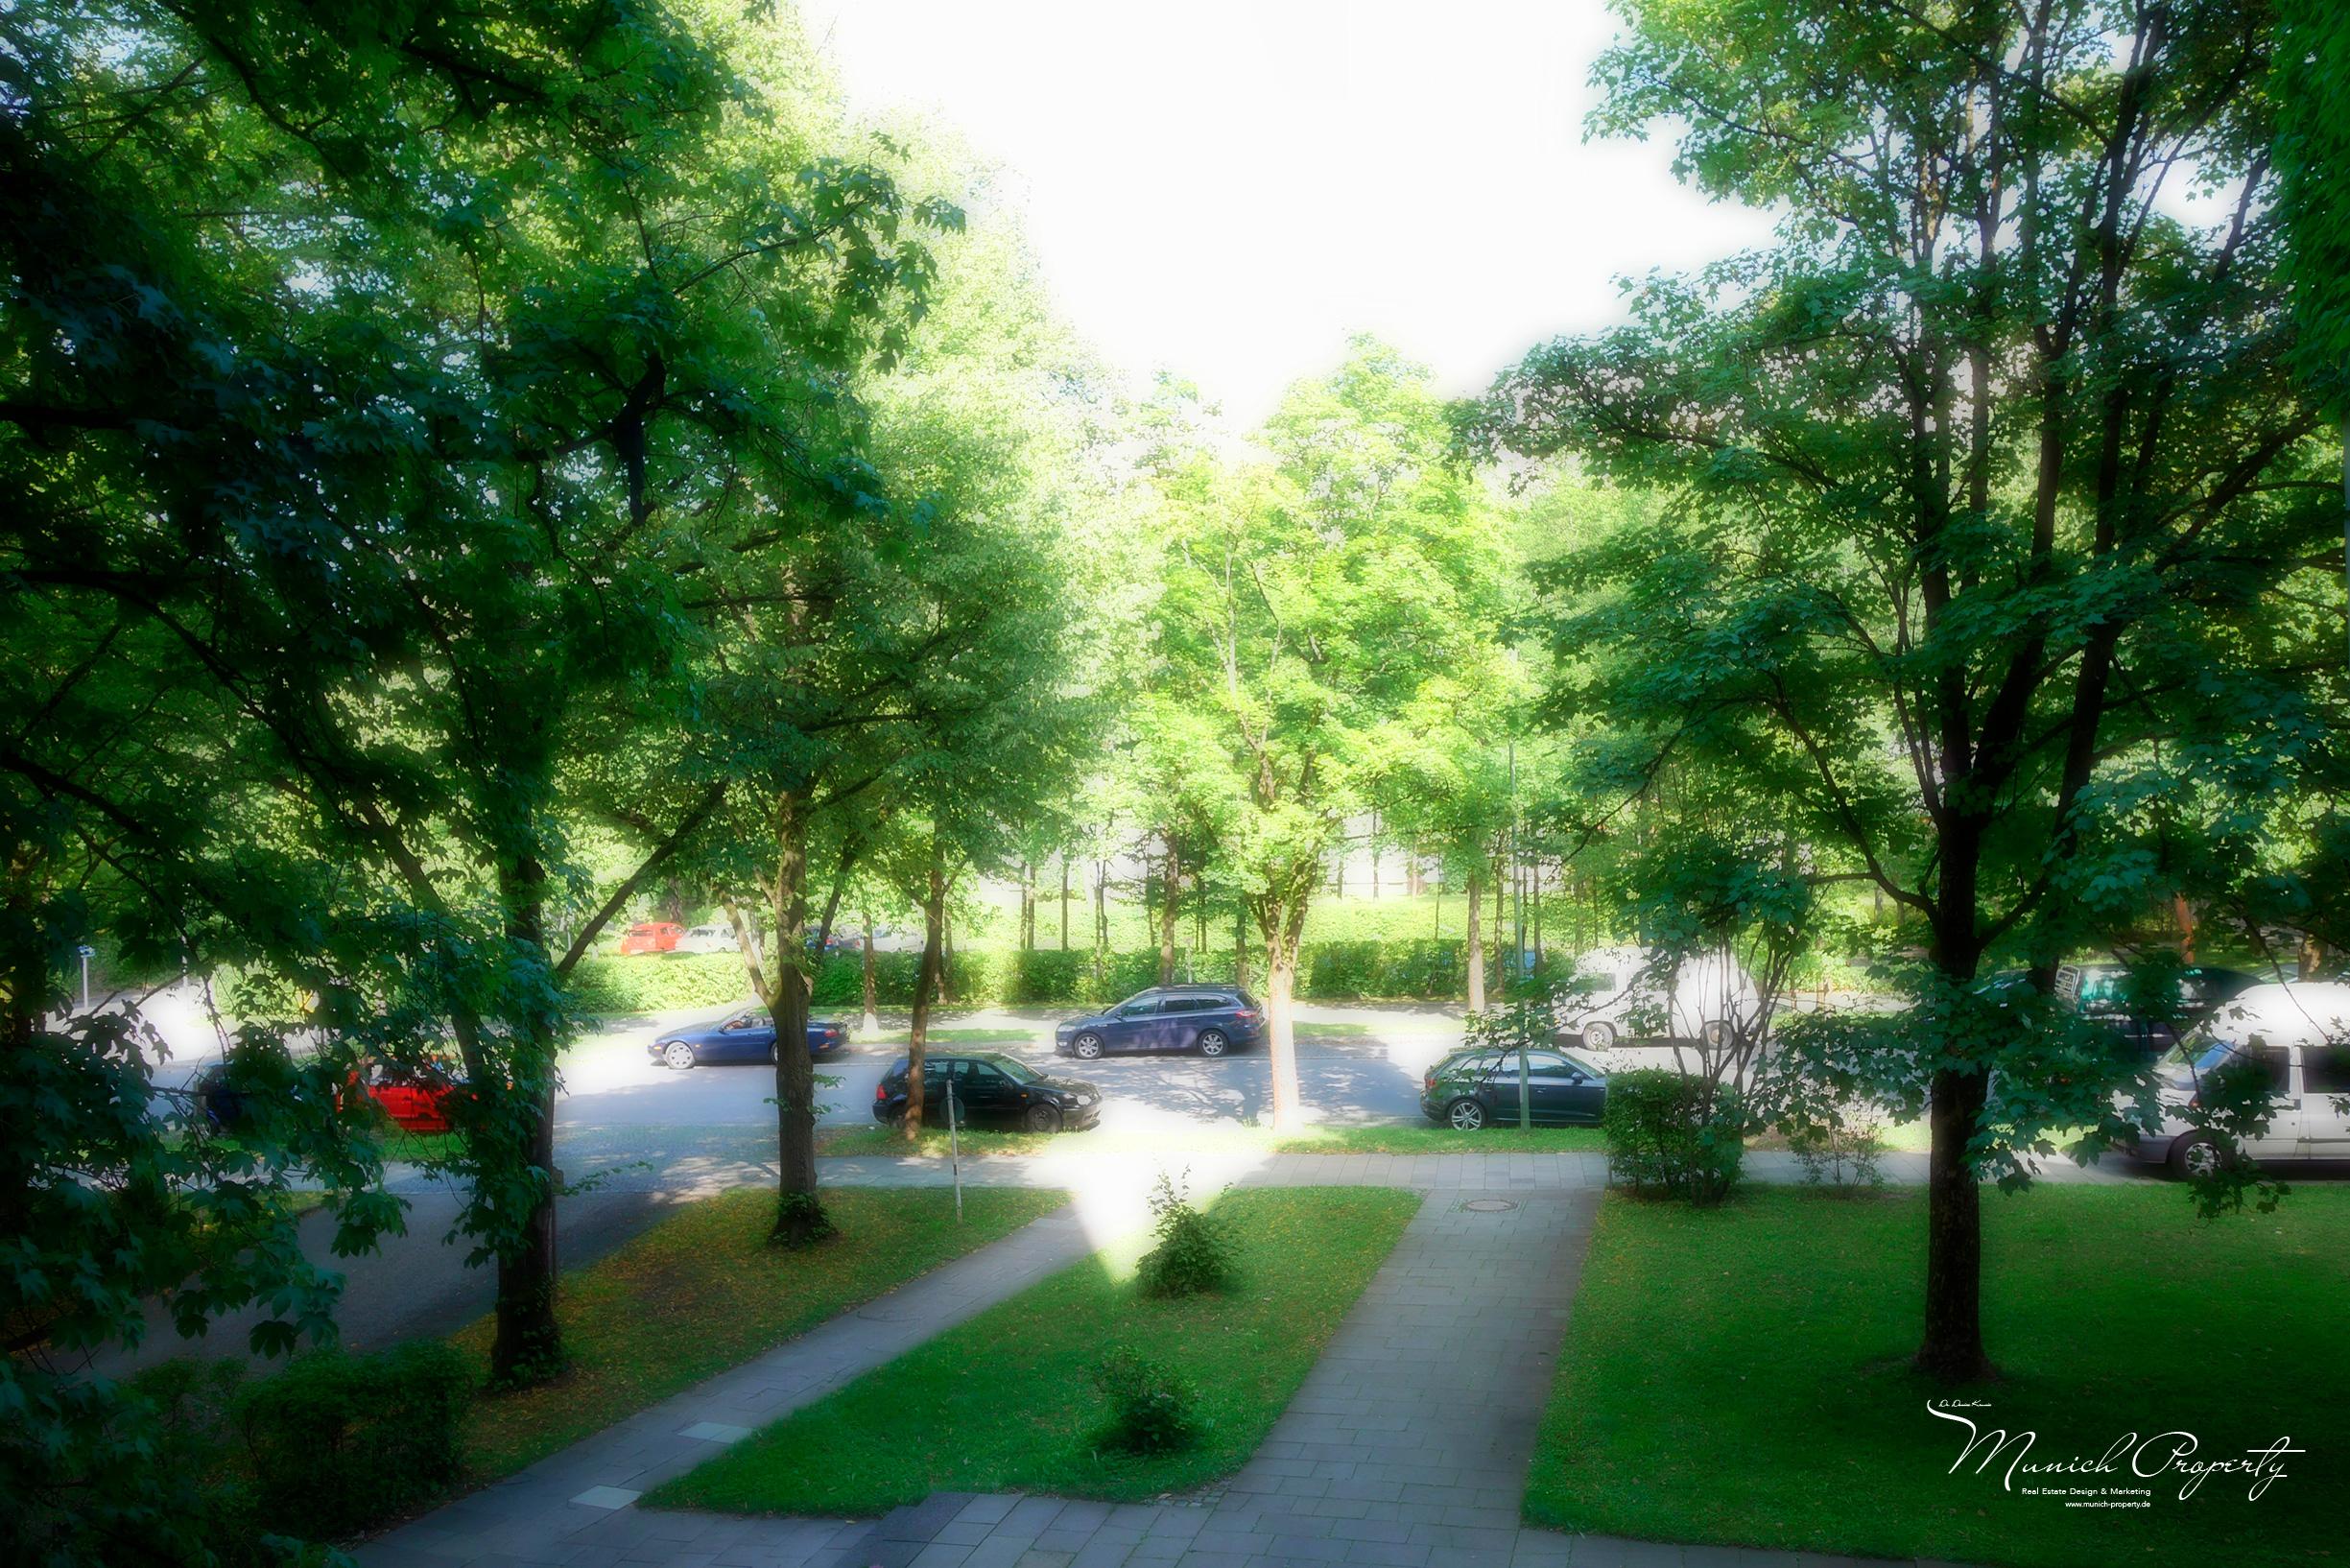 Wohnung München Bogenhausen Fideliopark Knappertsbuschstrasse: Ausblick vom Balkon Schlafzimmer